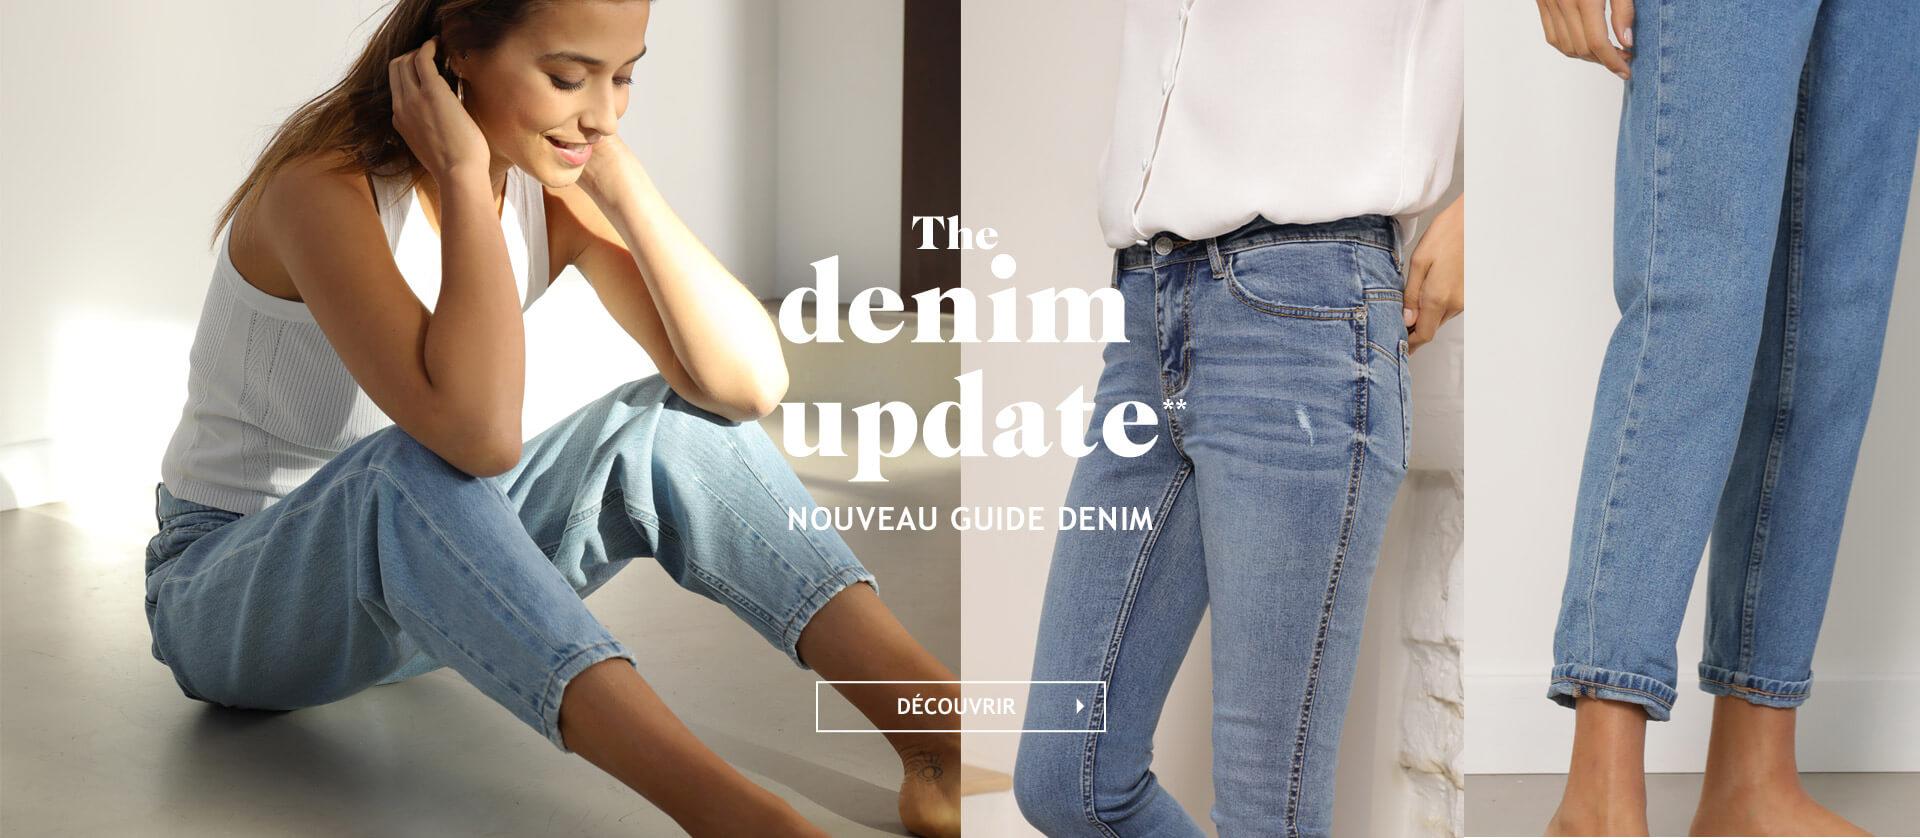 The denim update**